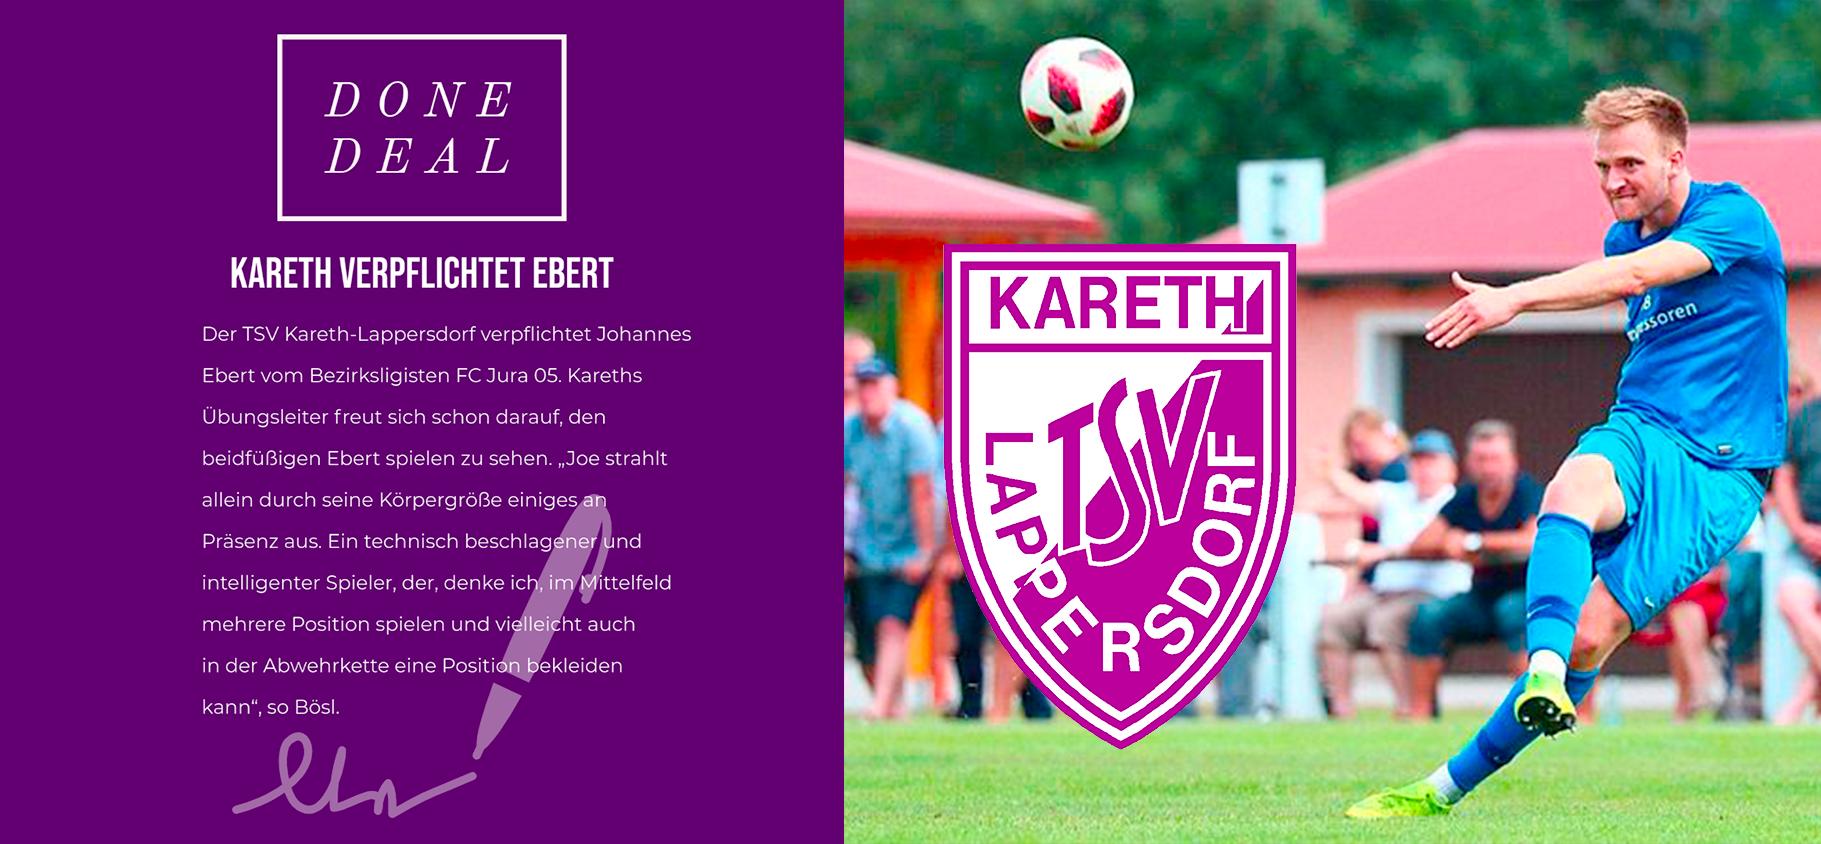 Kareth verpflichtet Johannes Ebert